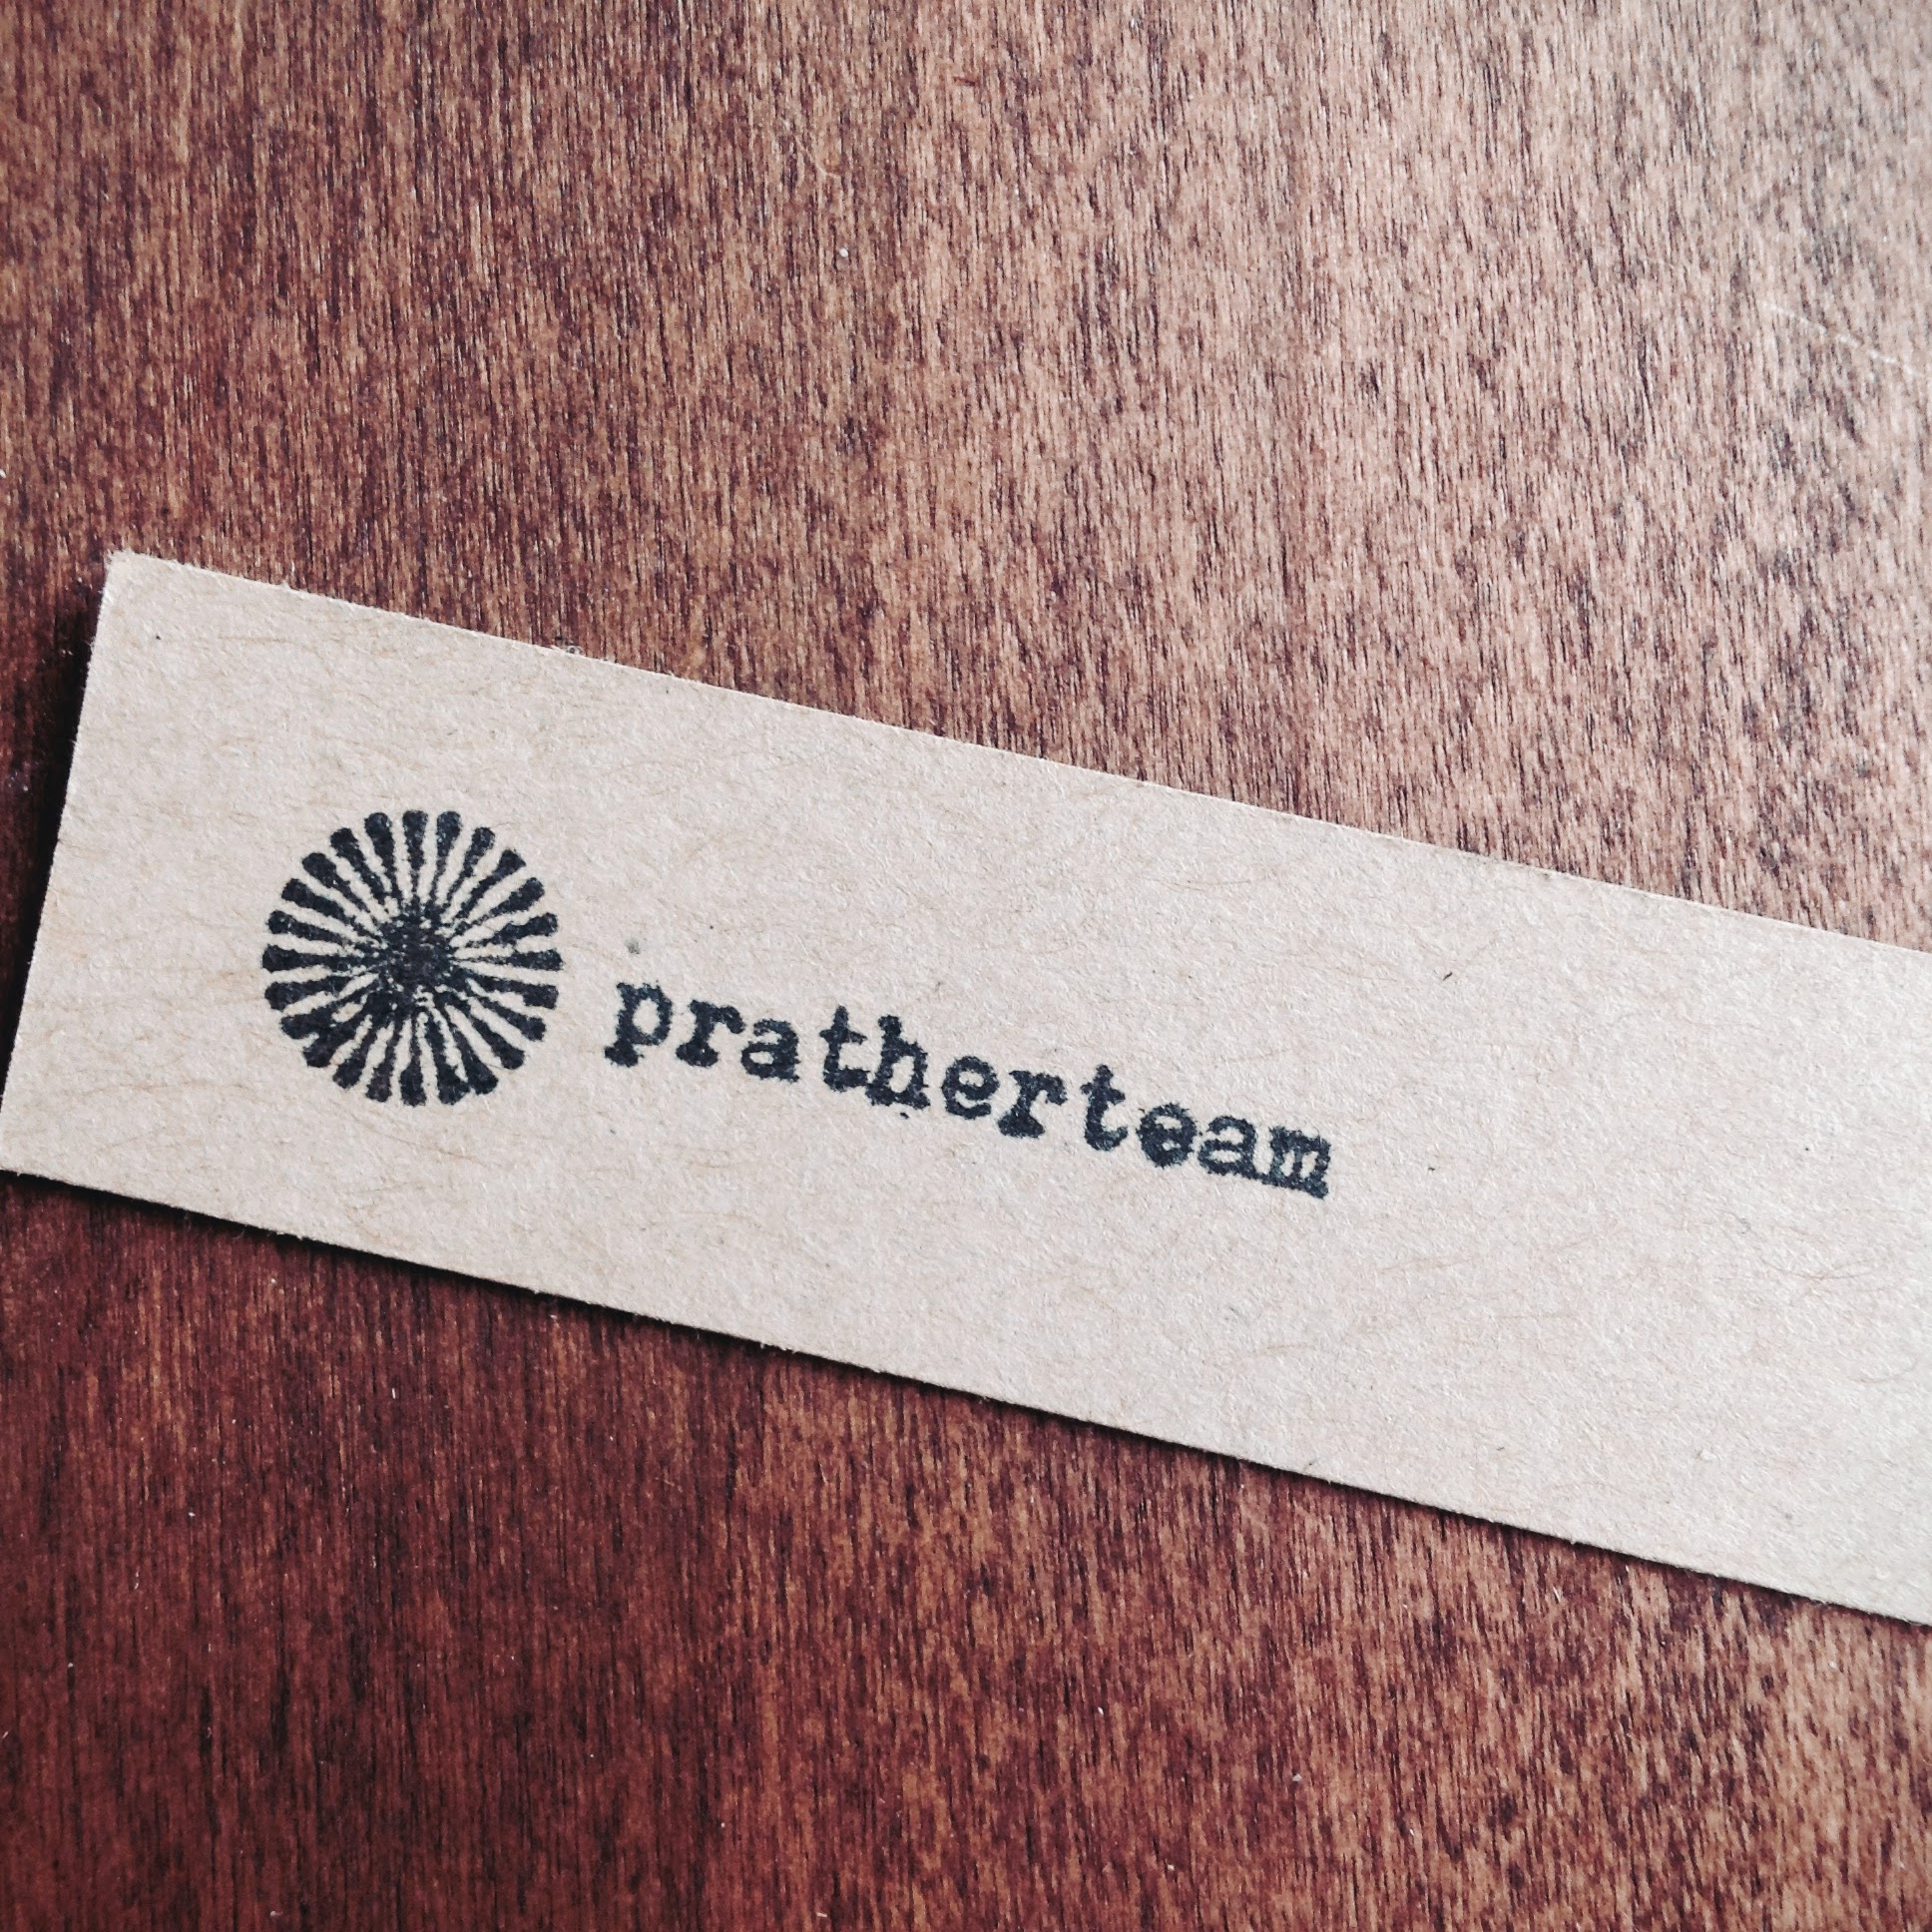 Photo courtesy of pratherteam